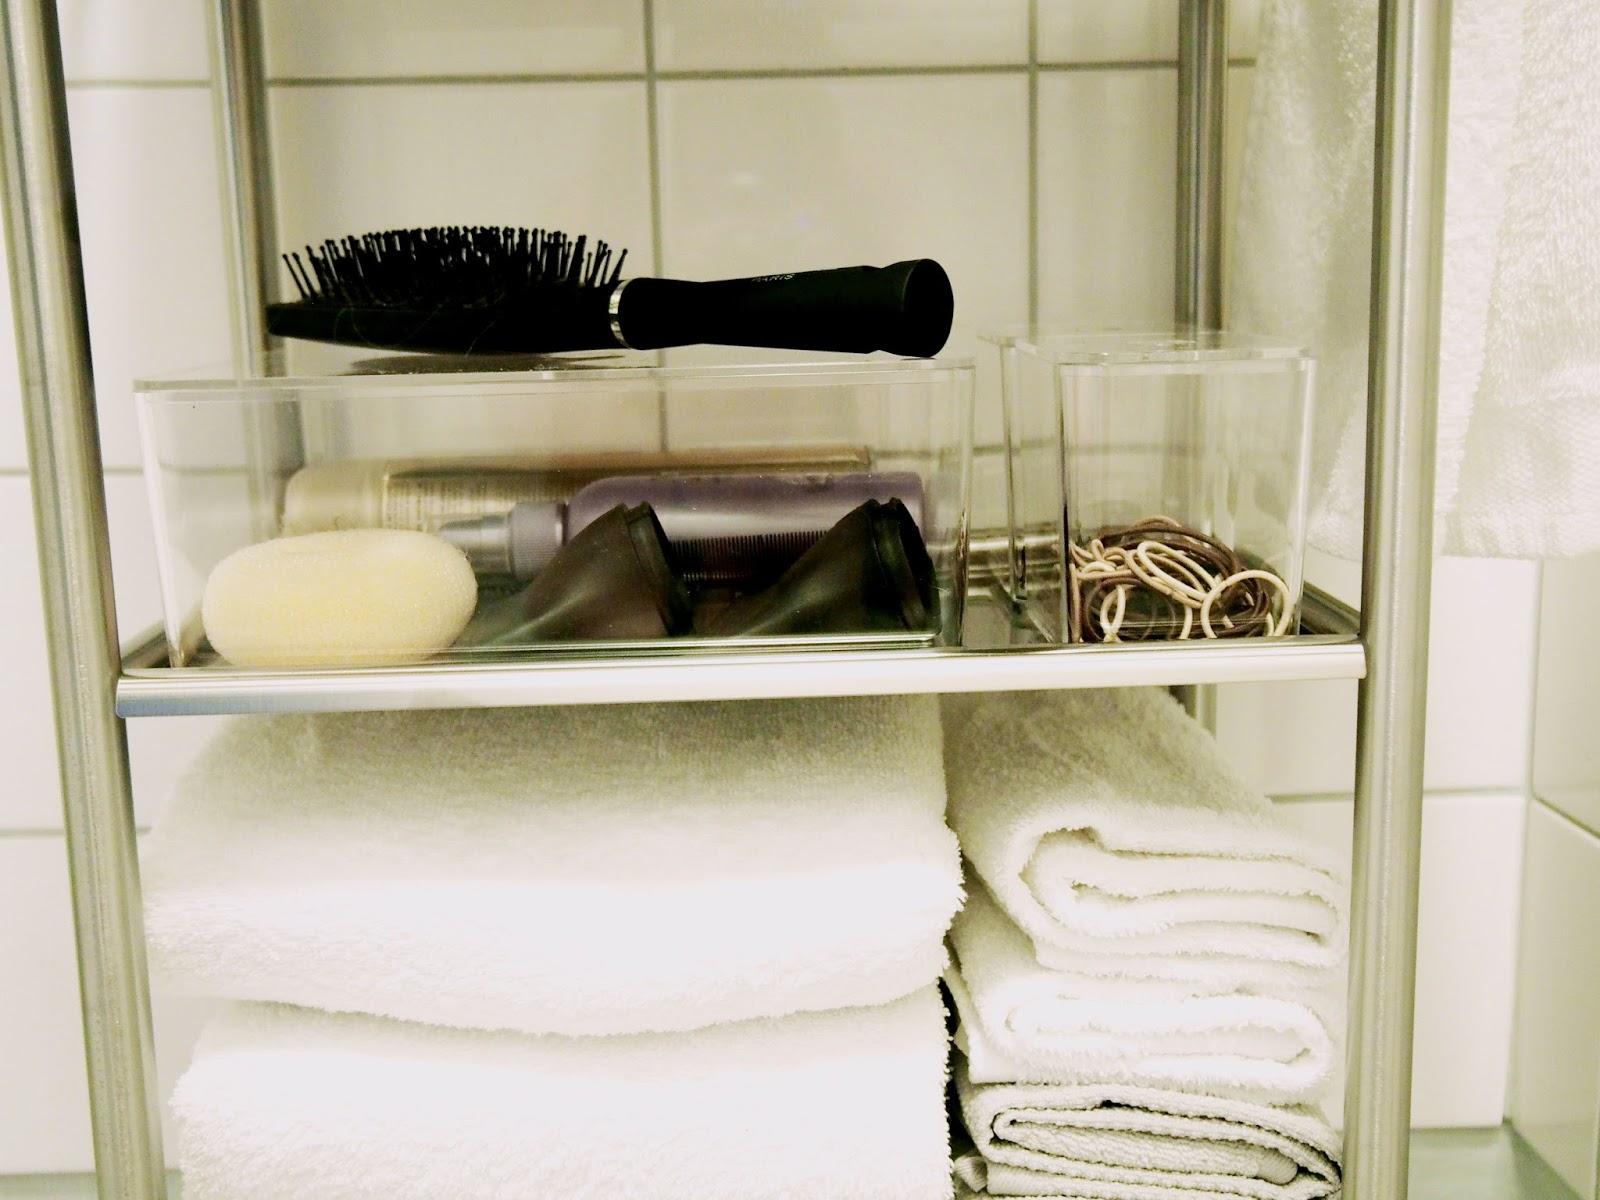 Tavaroiden järjestyksestä huoletiminen auttaa tilan siistinä pitämistä ja helpottaa tavaroiden löytämistä.